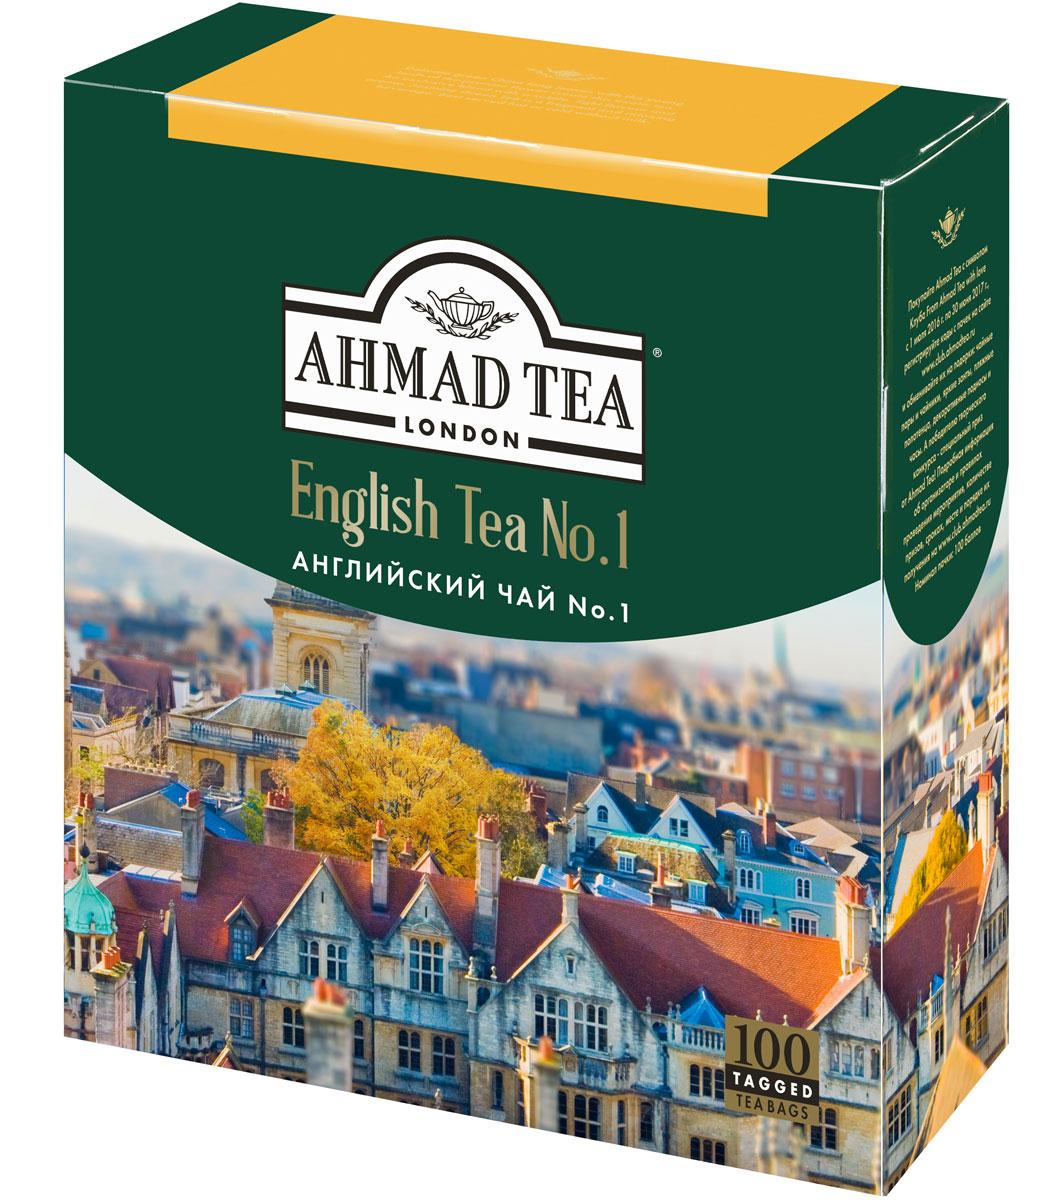 Ahmad Tea English Tea No.1 черный чай в пакетиках, 100 шт ahmad tea english tea no 1 черный чай в пакетиках с ярлычками в конвертах из фольги 25 шт